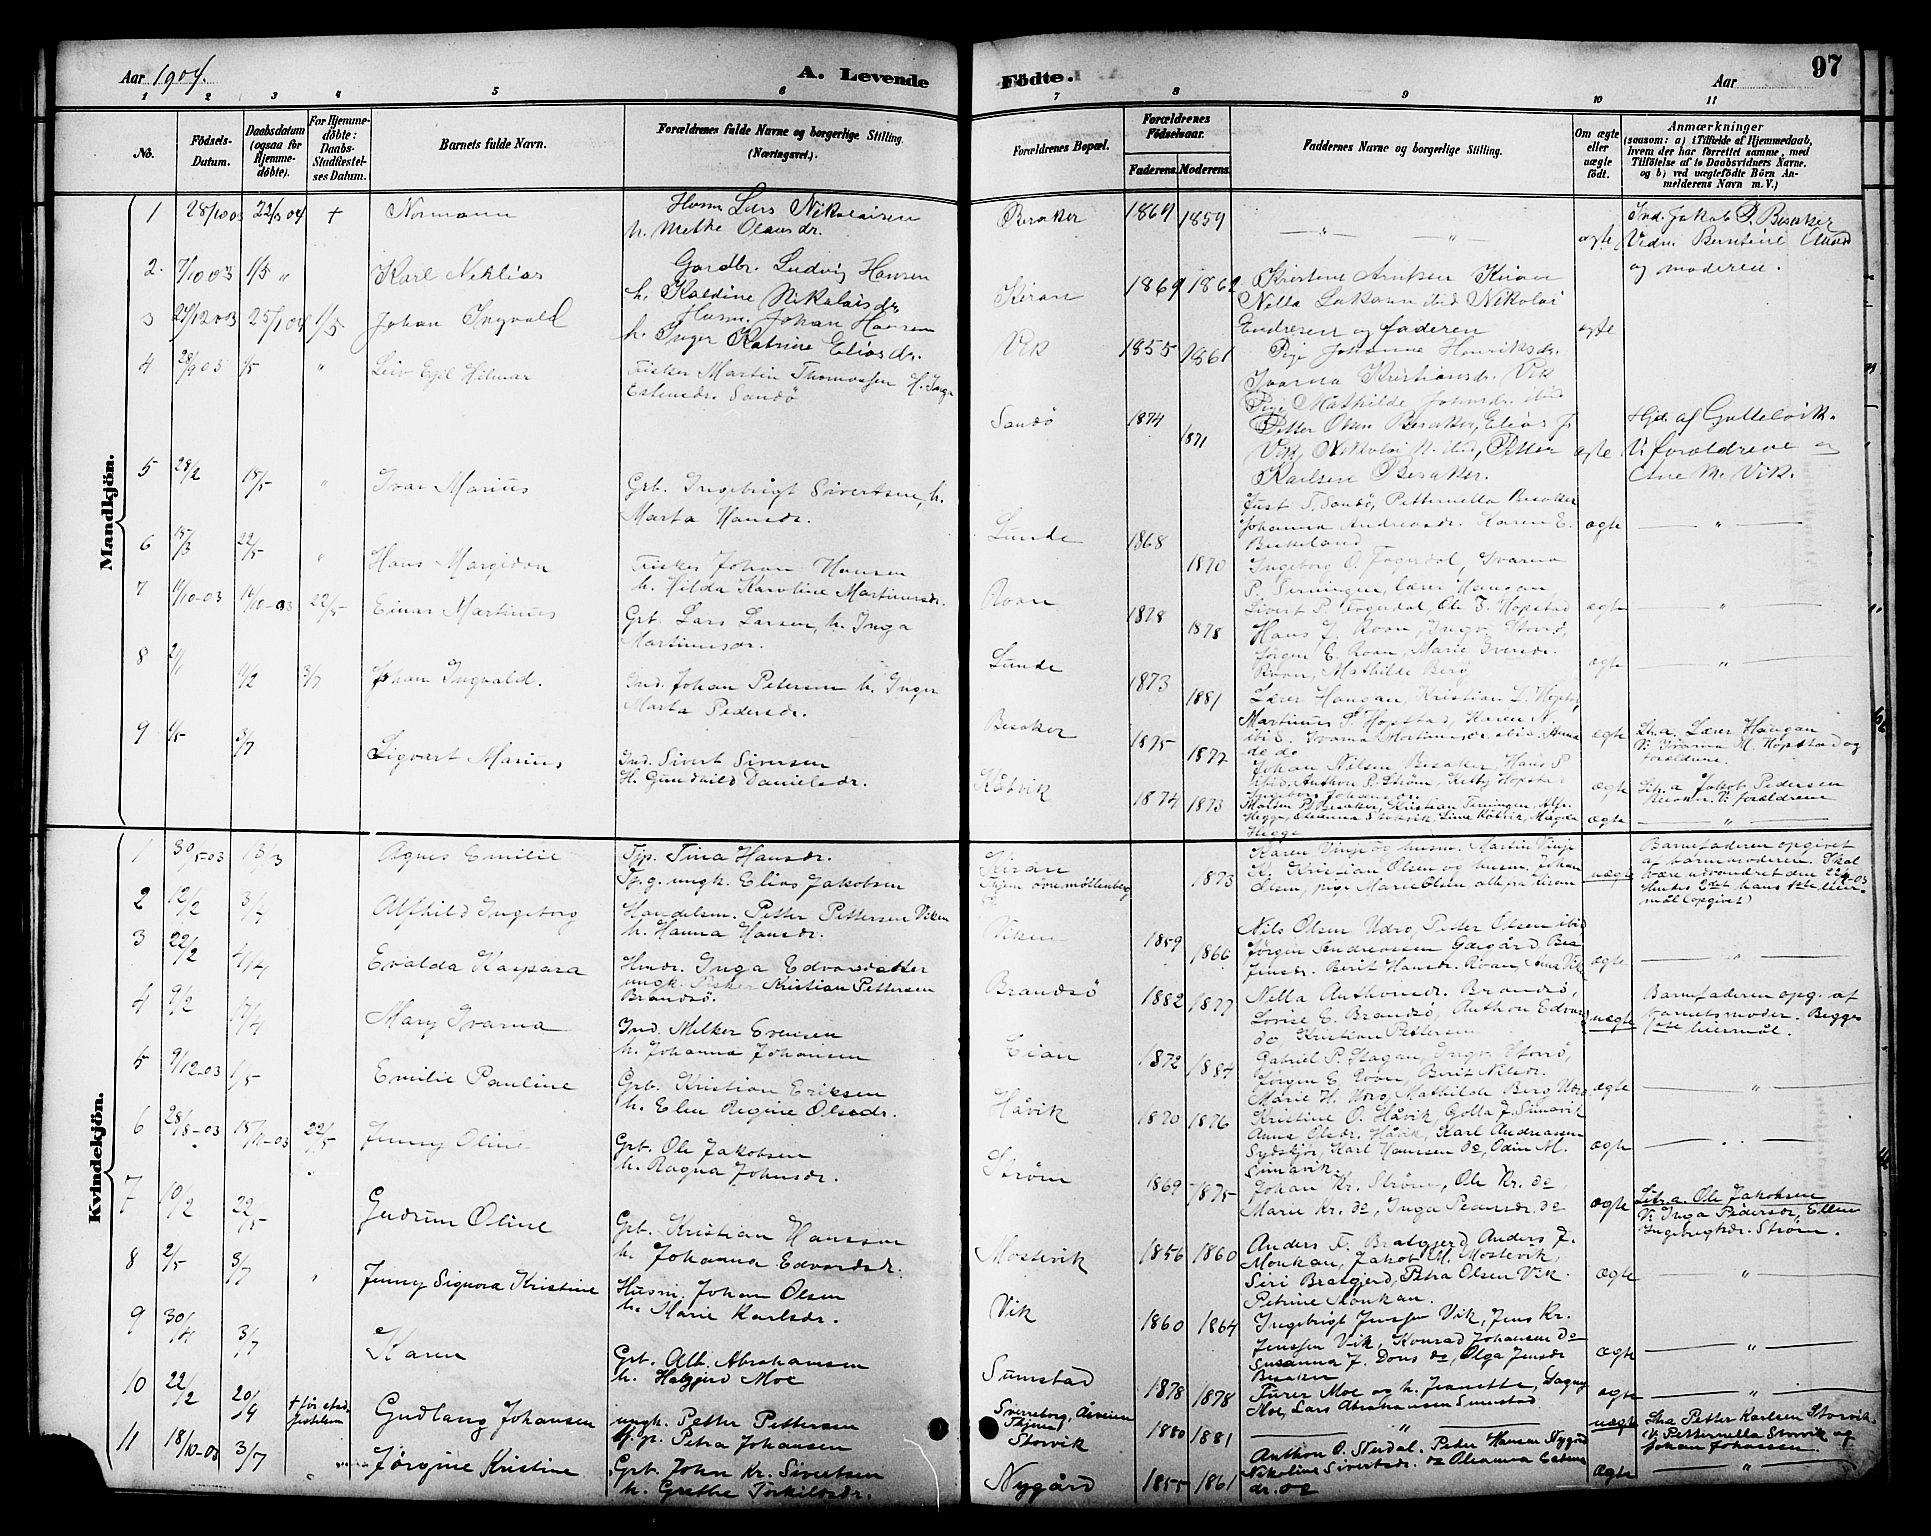 SAT, Ministerialprotokoller, klokkerbøker og fødselsregistre - Sør-Trøndelag, 657/L0716: Klokkerbok nr. 657C03, 1889-1904, s. 97